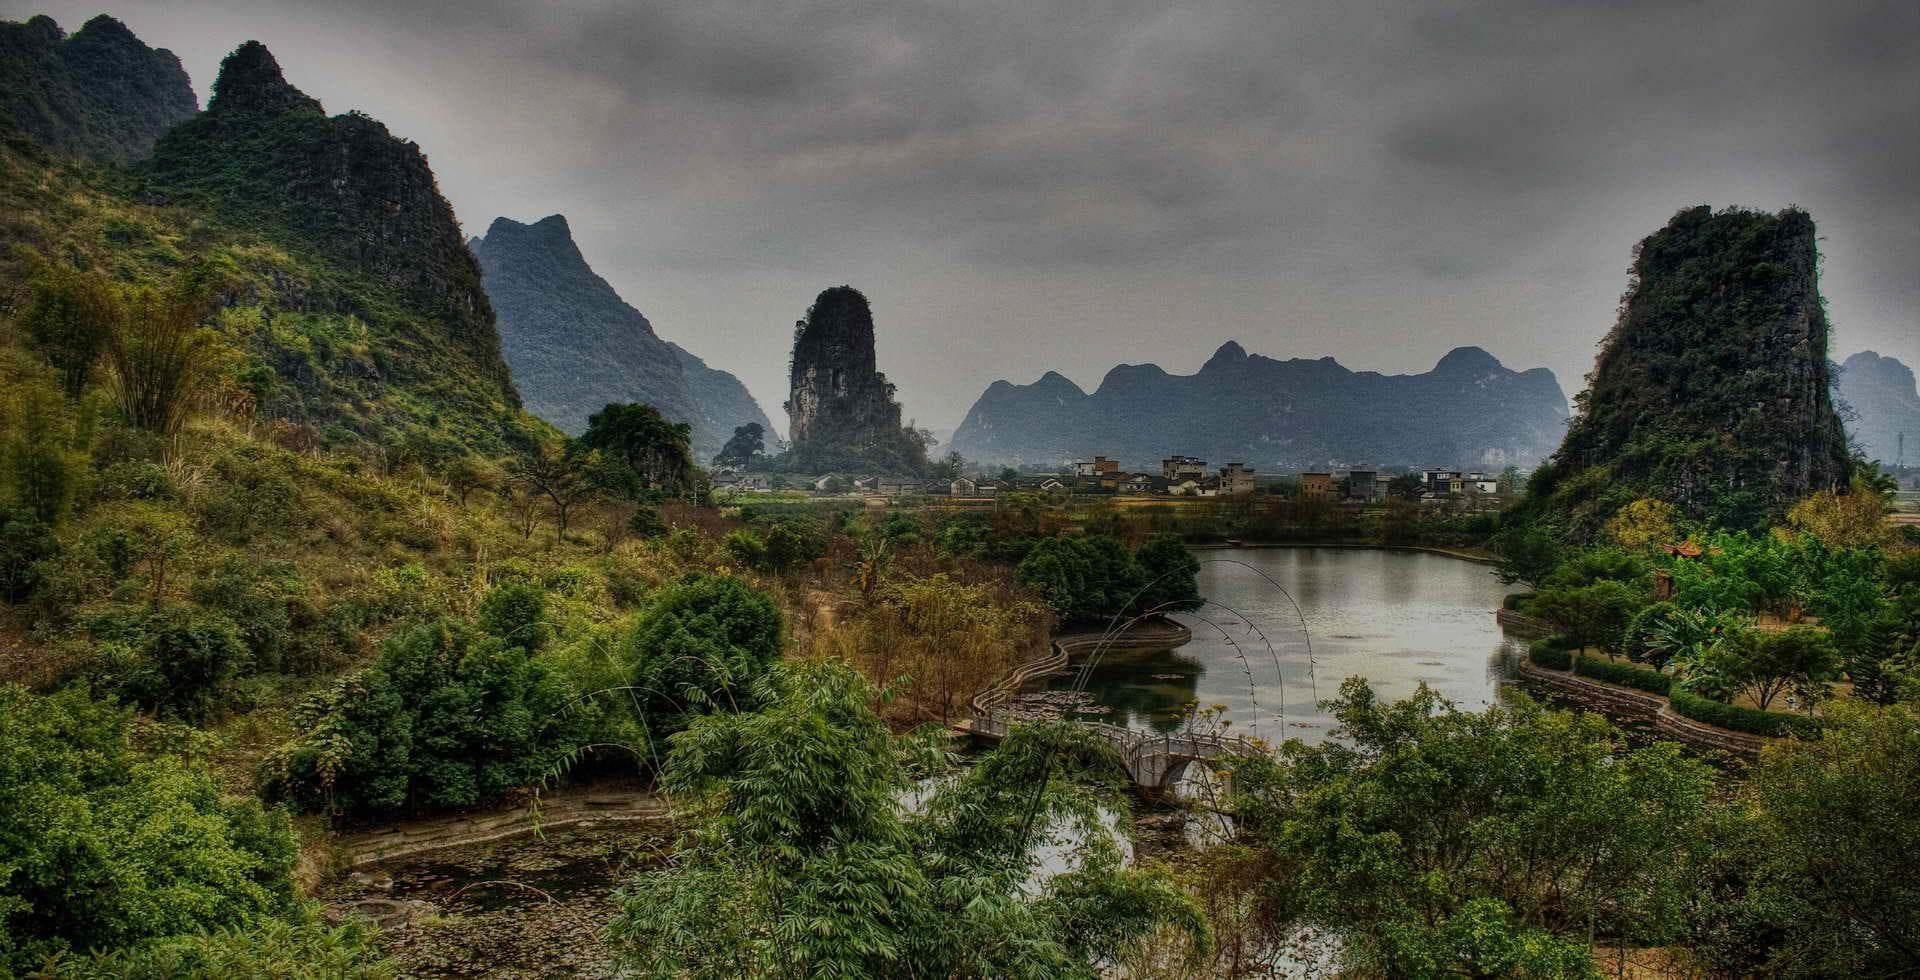 yulong river Yangshuo mountain retreat guilin Yangshuo China